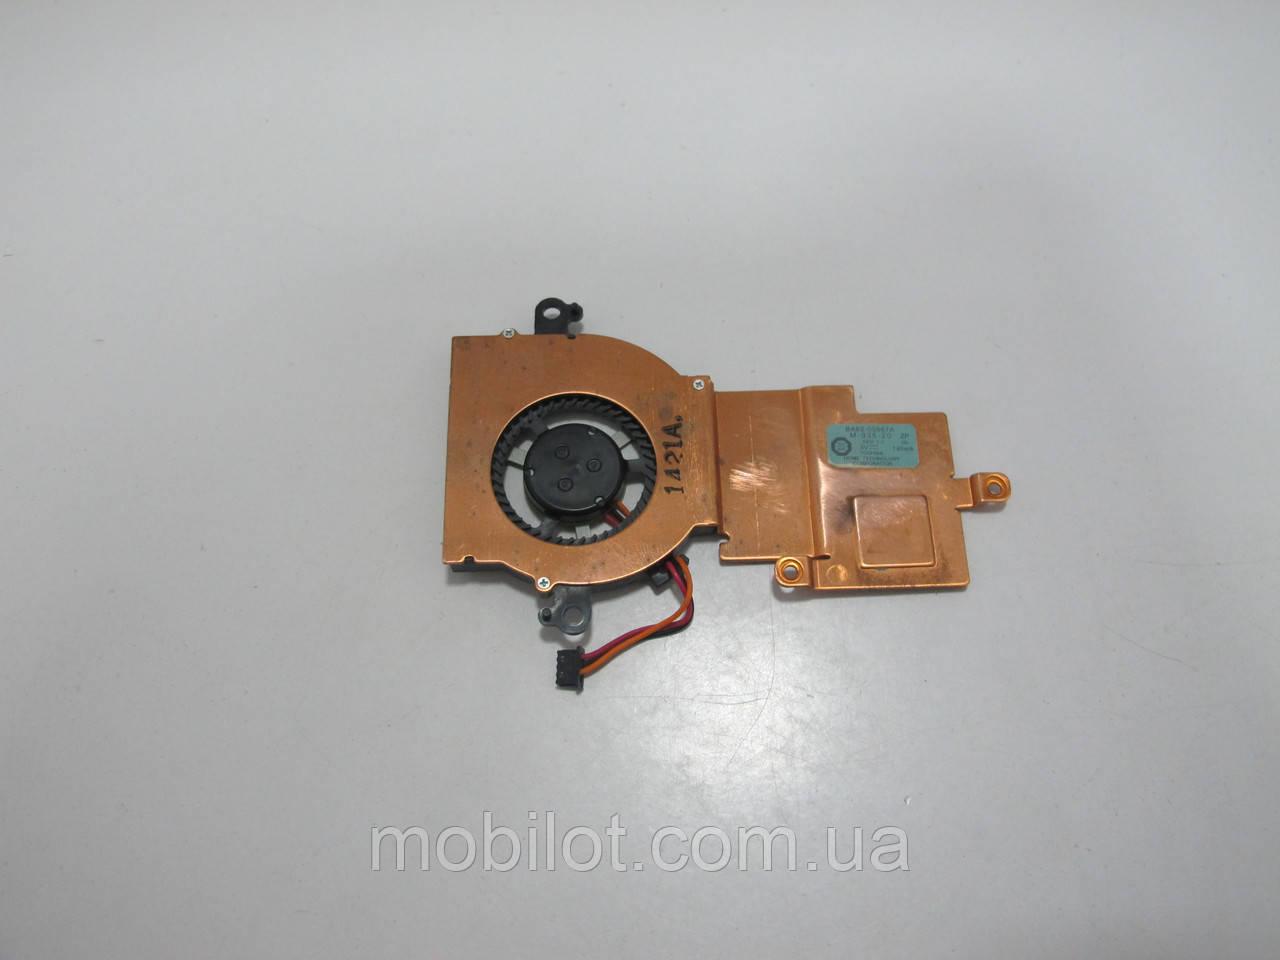 Система охлаждения Samsung NC110 (NZ-6167)